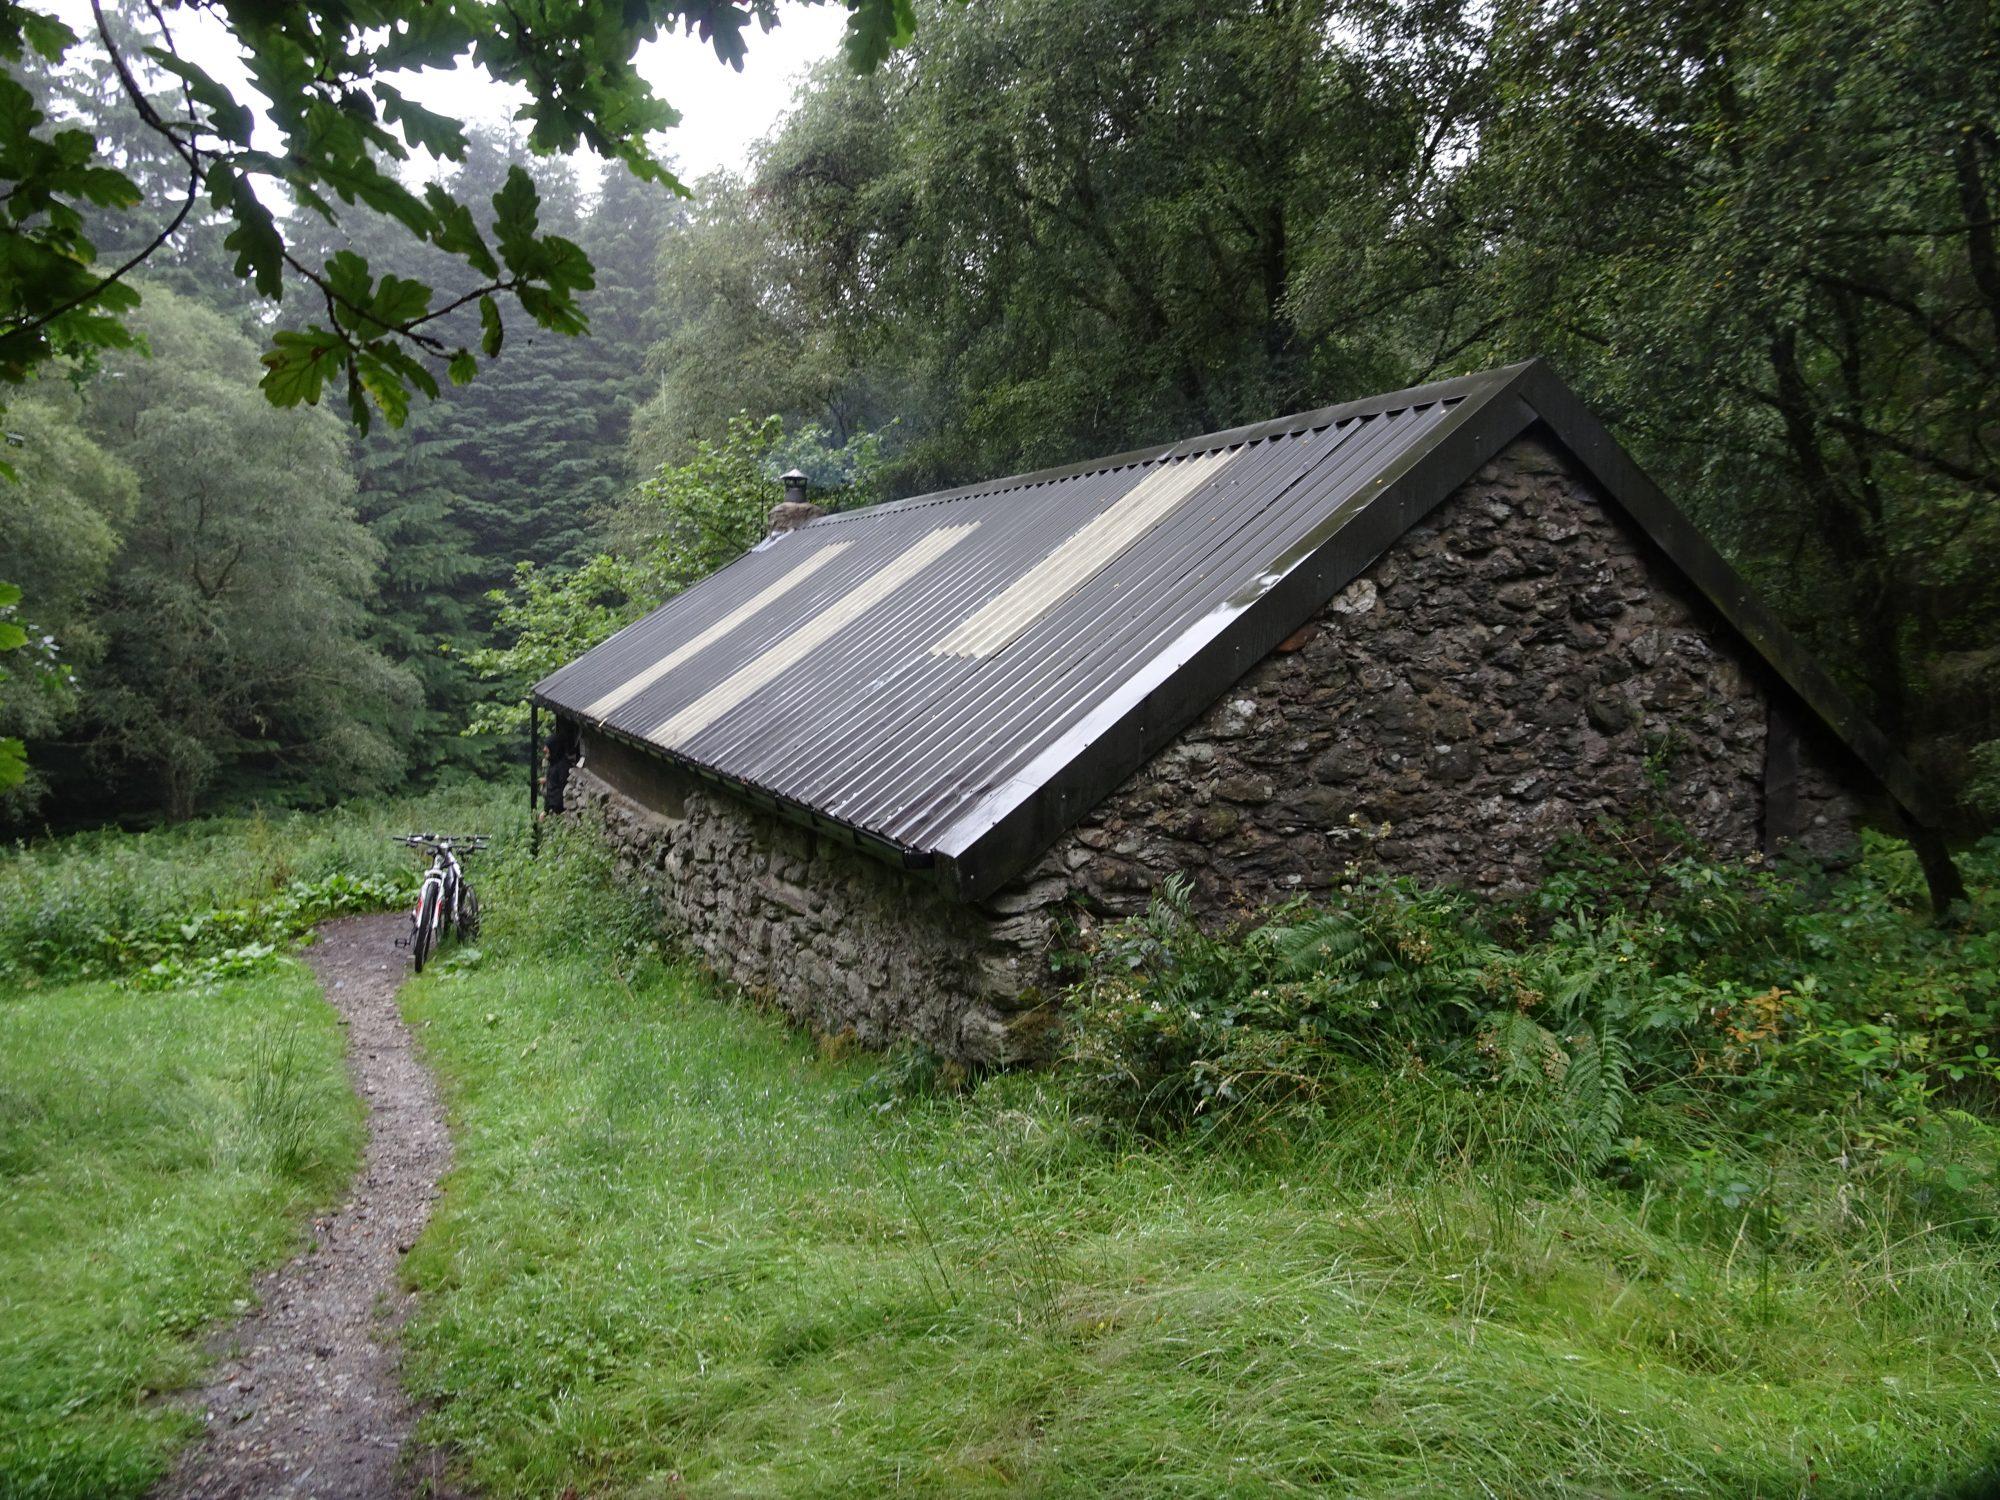 Eine tolle Hütte (Bothy) mitten im idyllischen Wald, West Highland Way, Schottland, Wanderung, Weitwandern, Trekking, Highlands